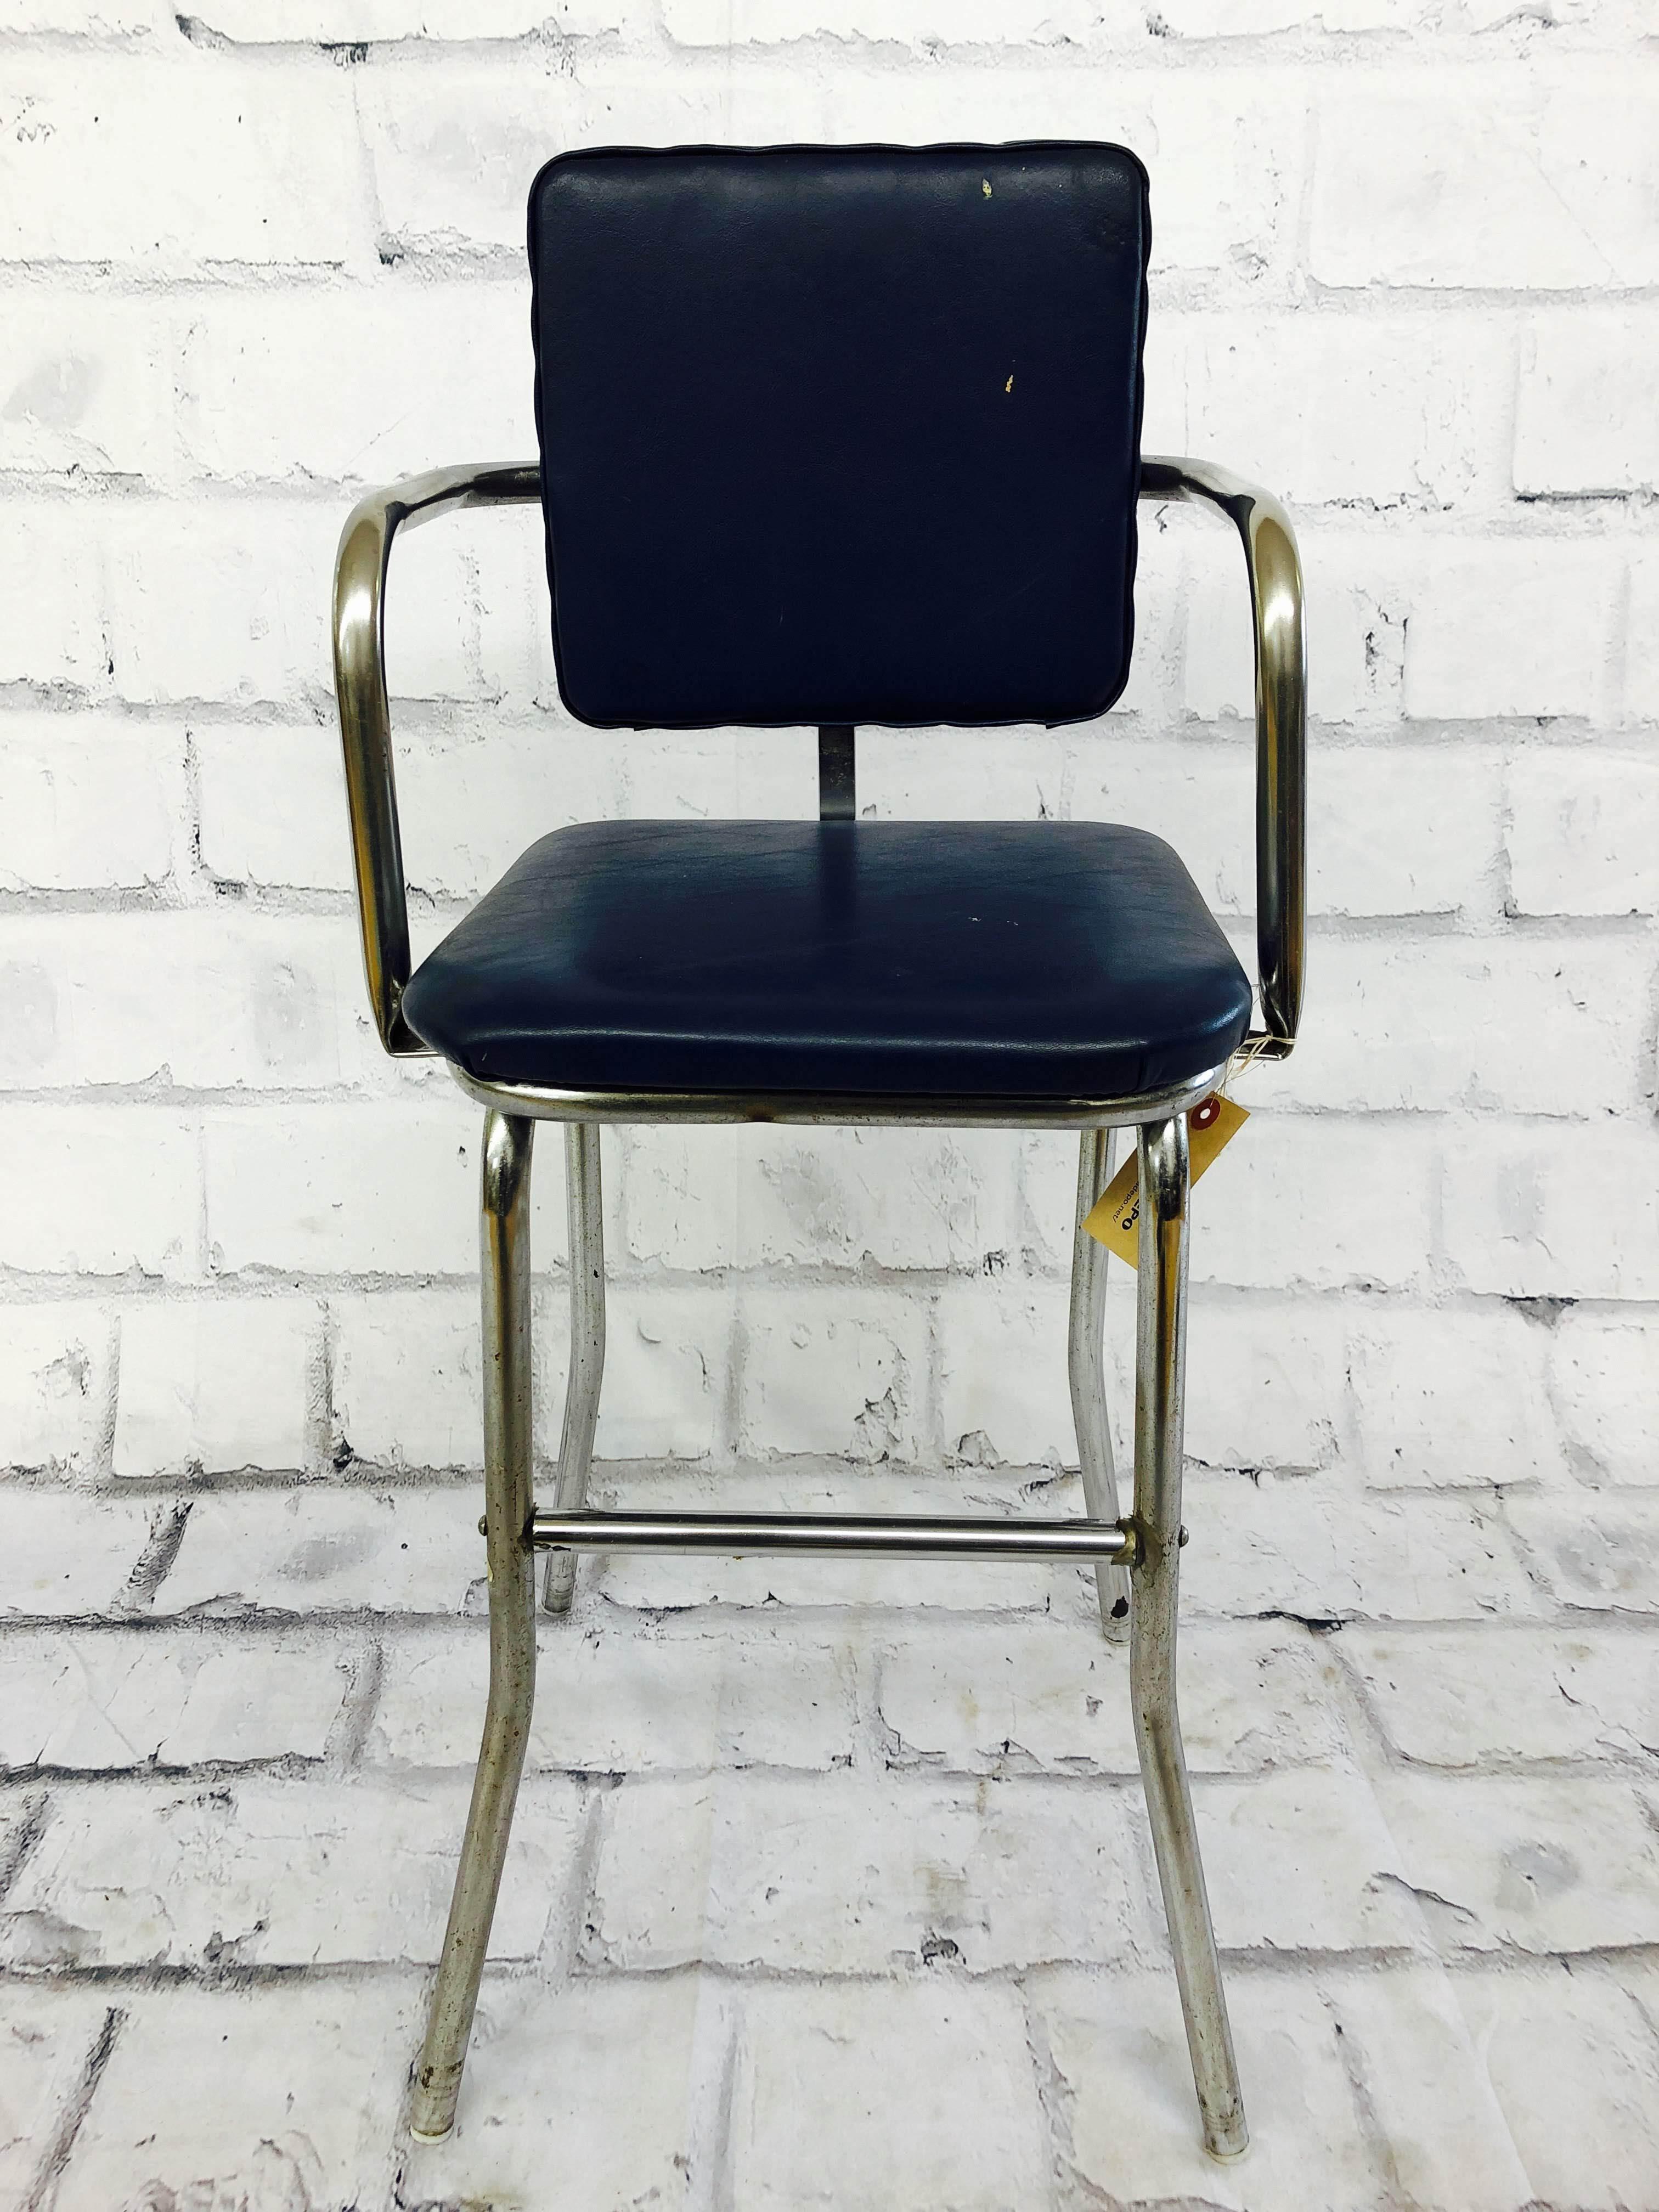 品番1669 ハイチェア インダストリアル ブラック 椅子 インテリア アンティーク